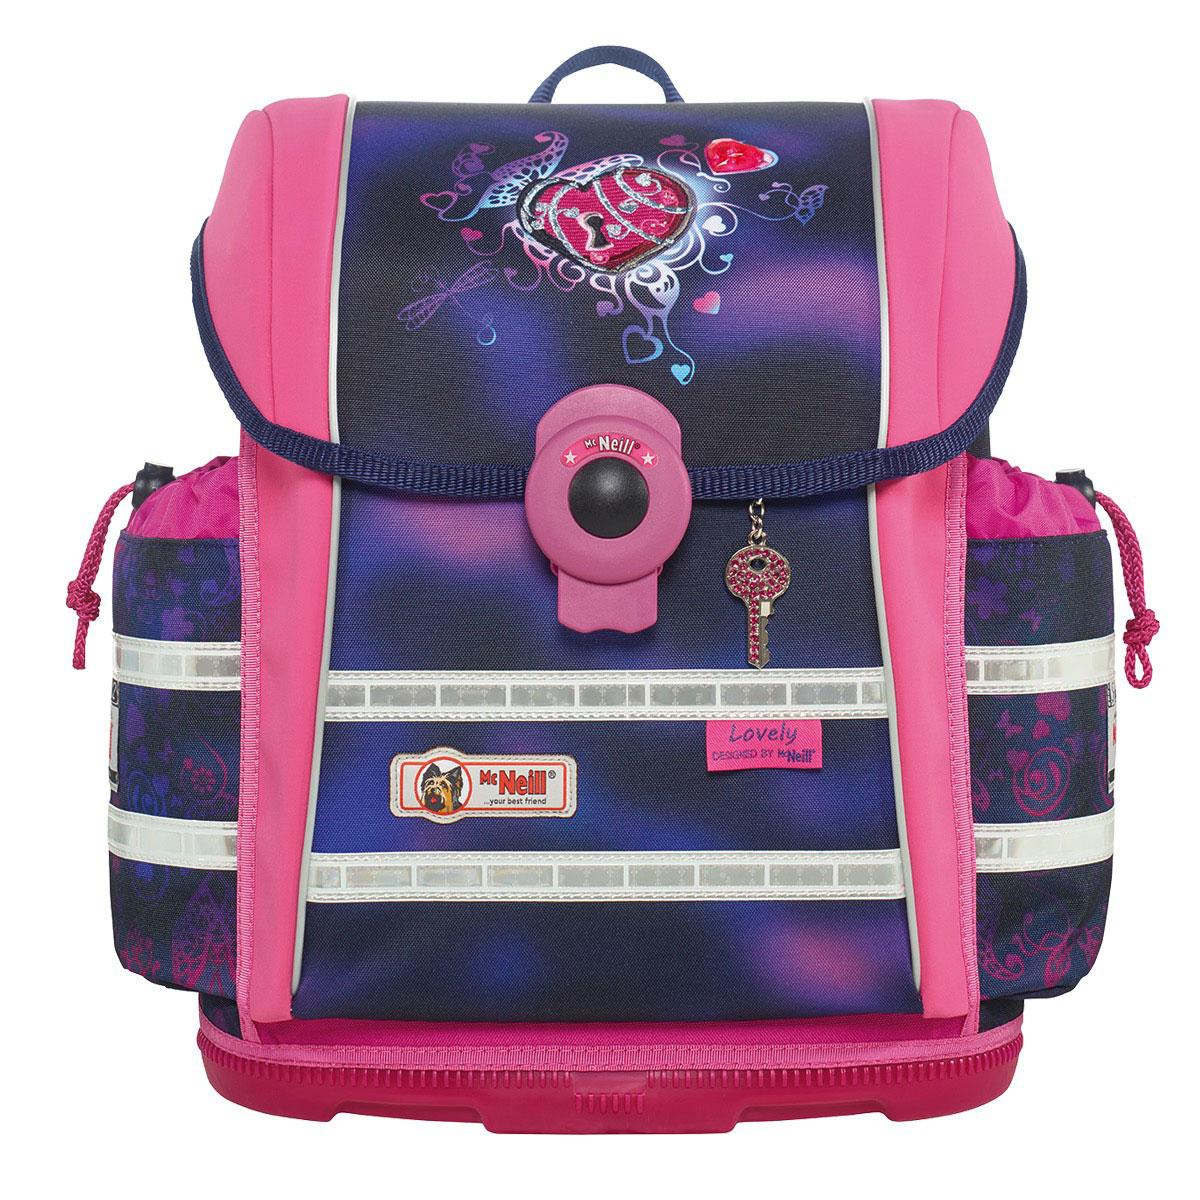 McNeill-Schulranzen-ERGO-Light-912-S-9624162000-pink-lila-herz